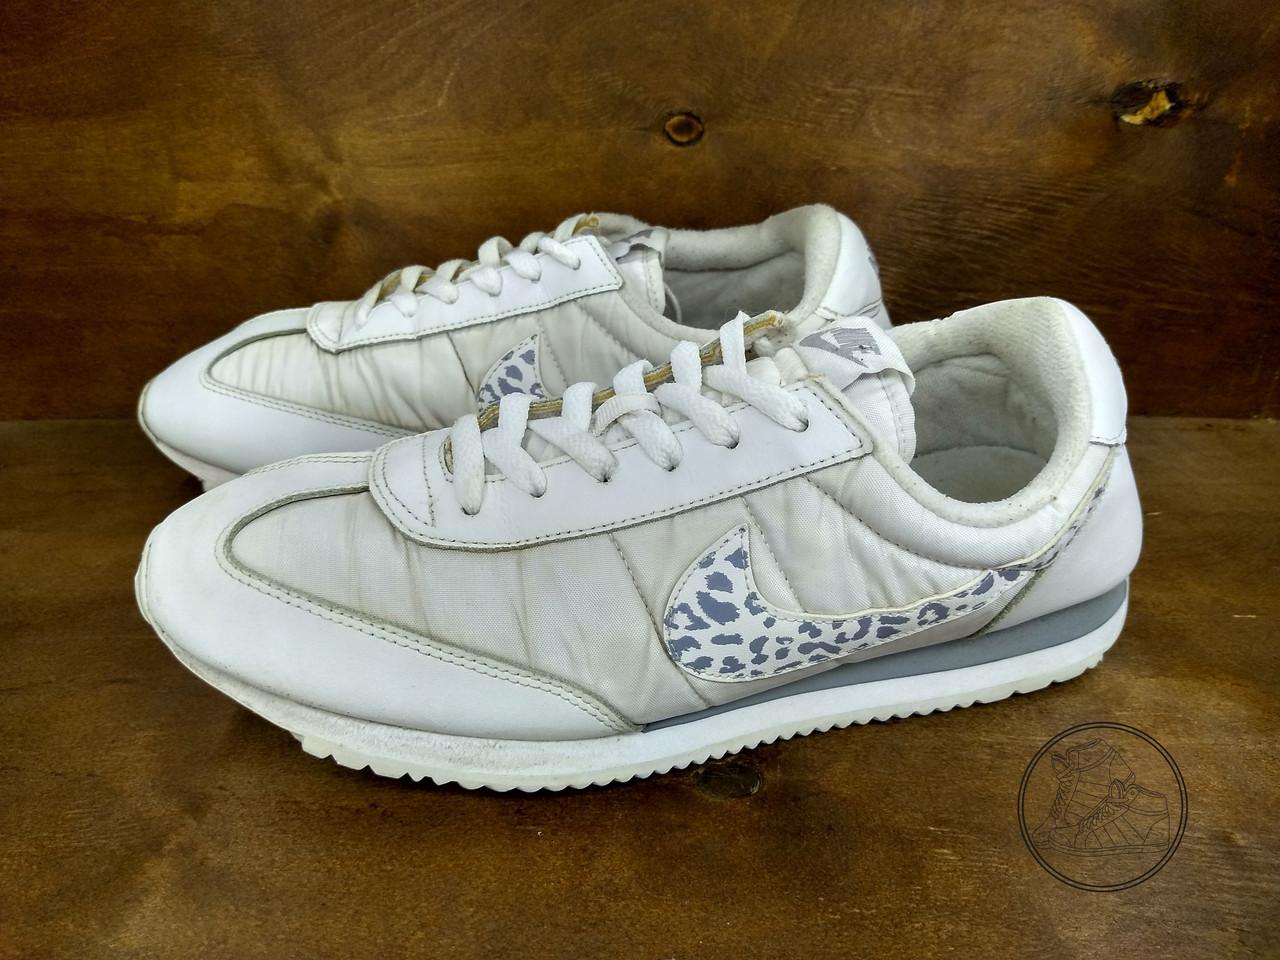 Беговые кроссовки Nike cortez (41 размер) бу - Интернет-магазин обуви из  Европы 254565e34e0